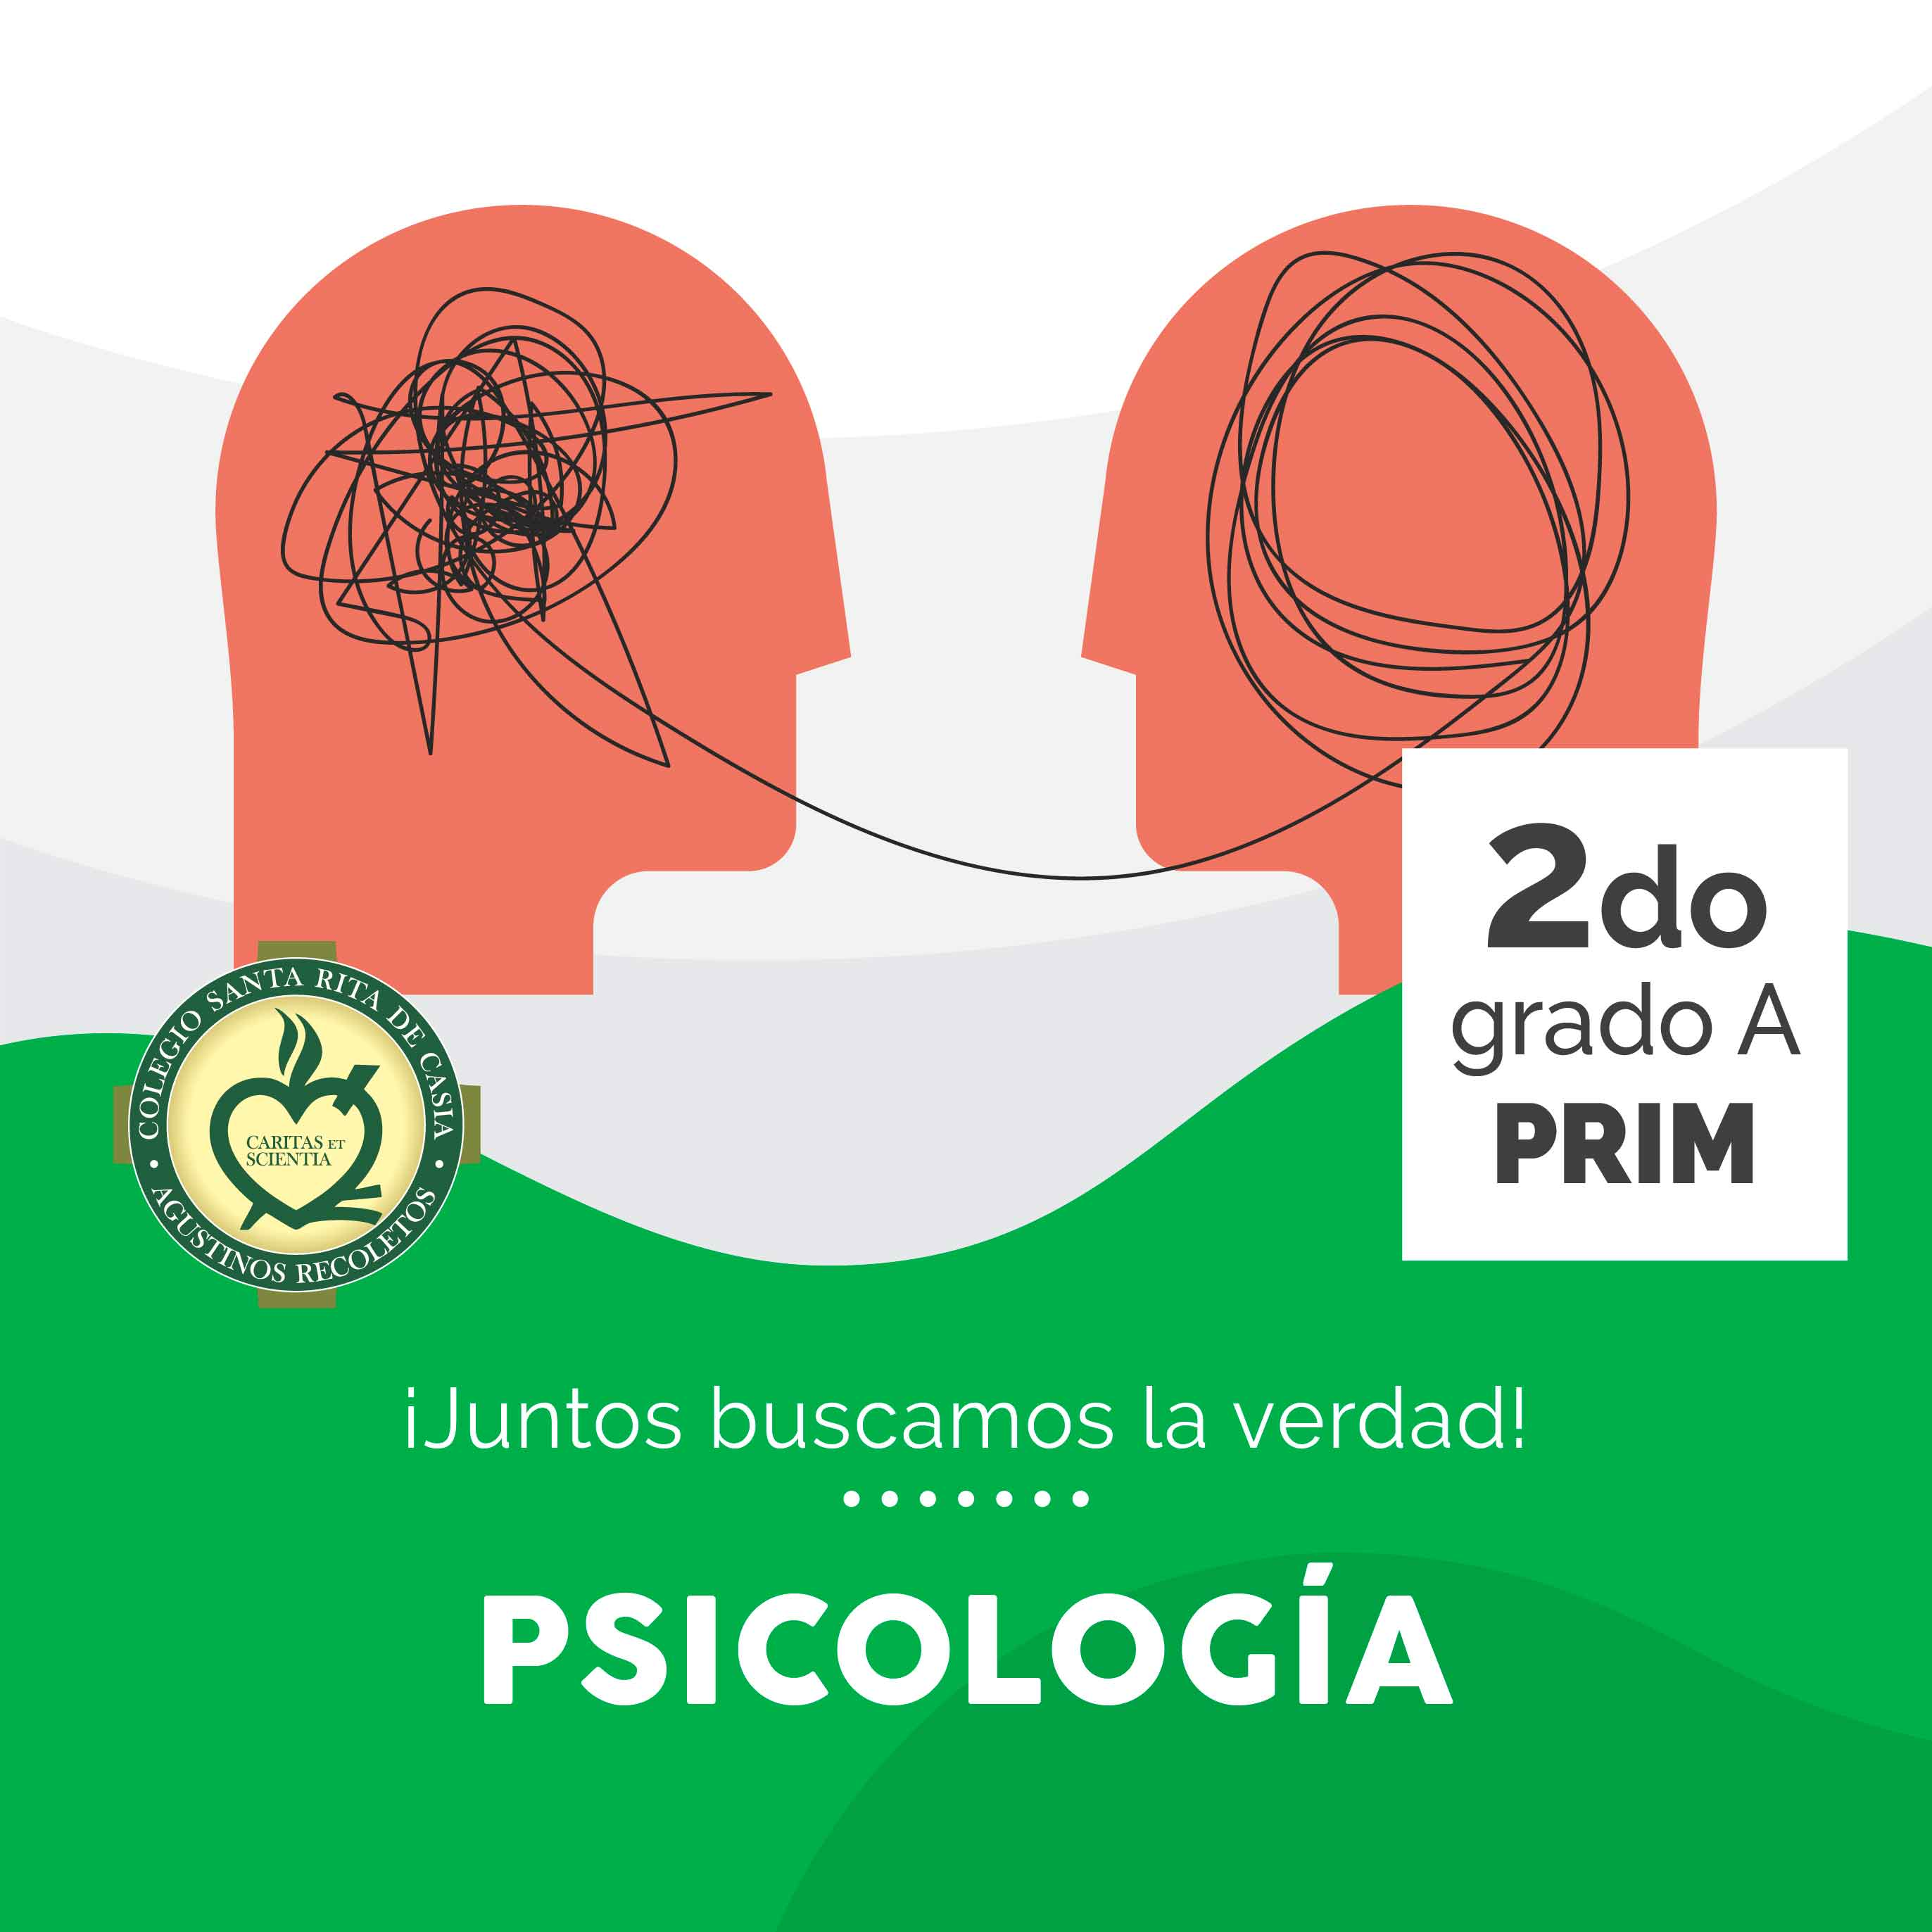 Psicología 2do Grado A